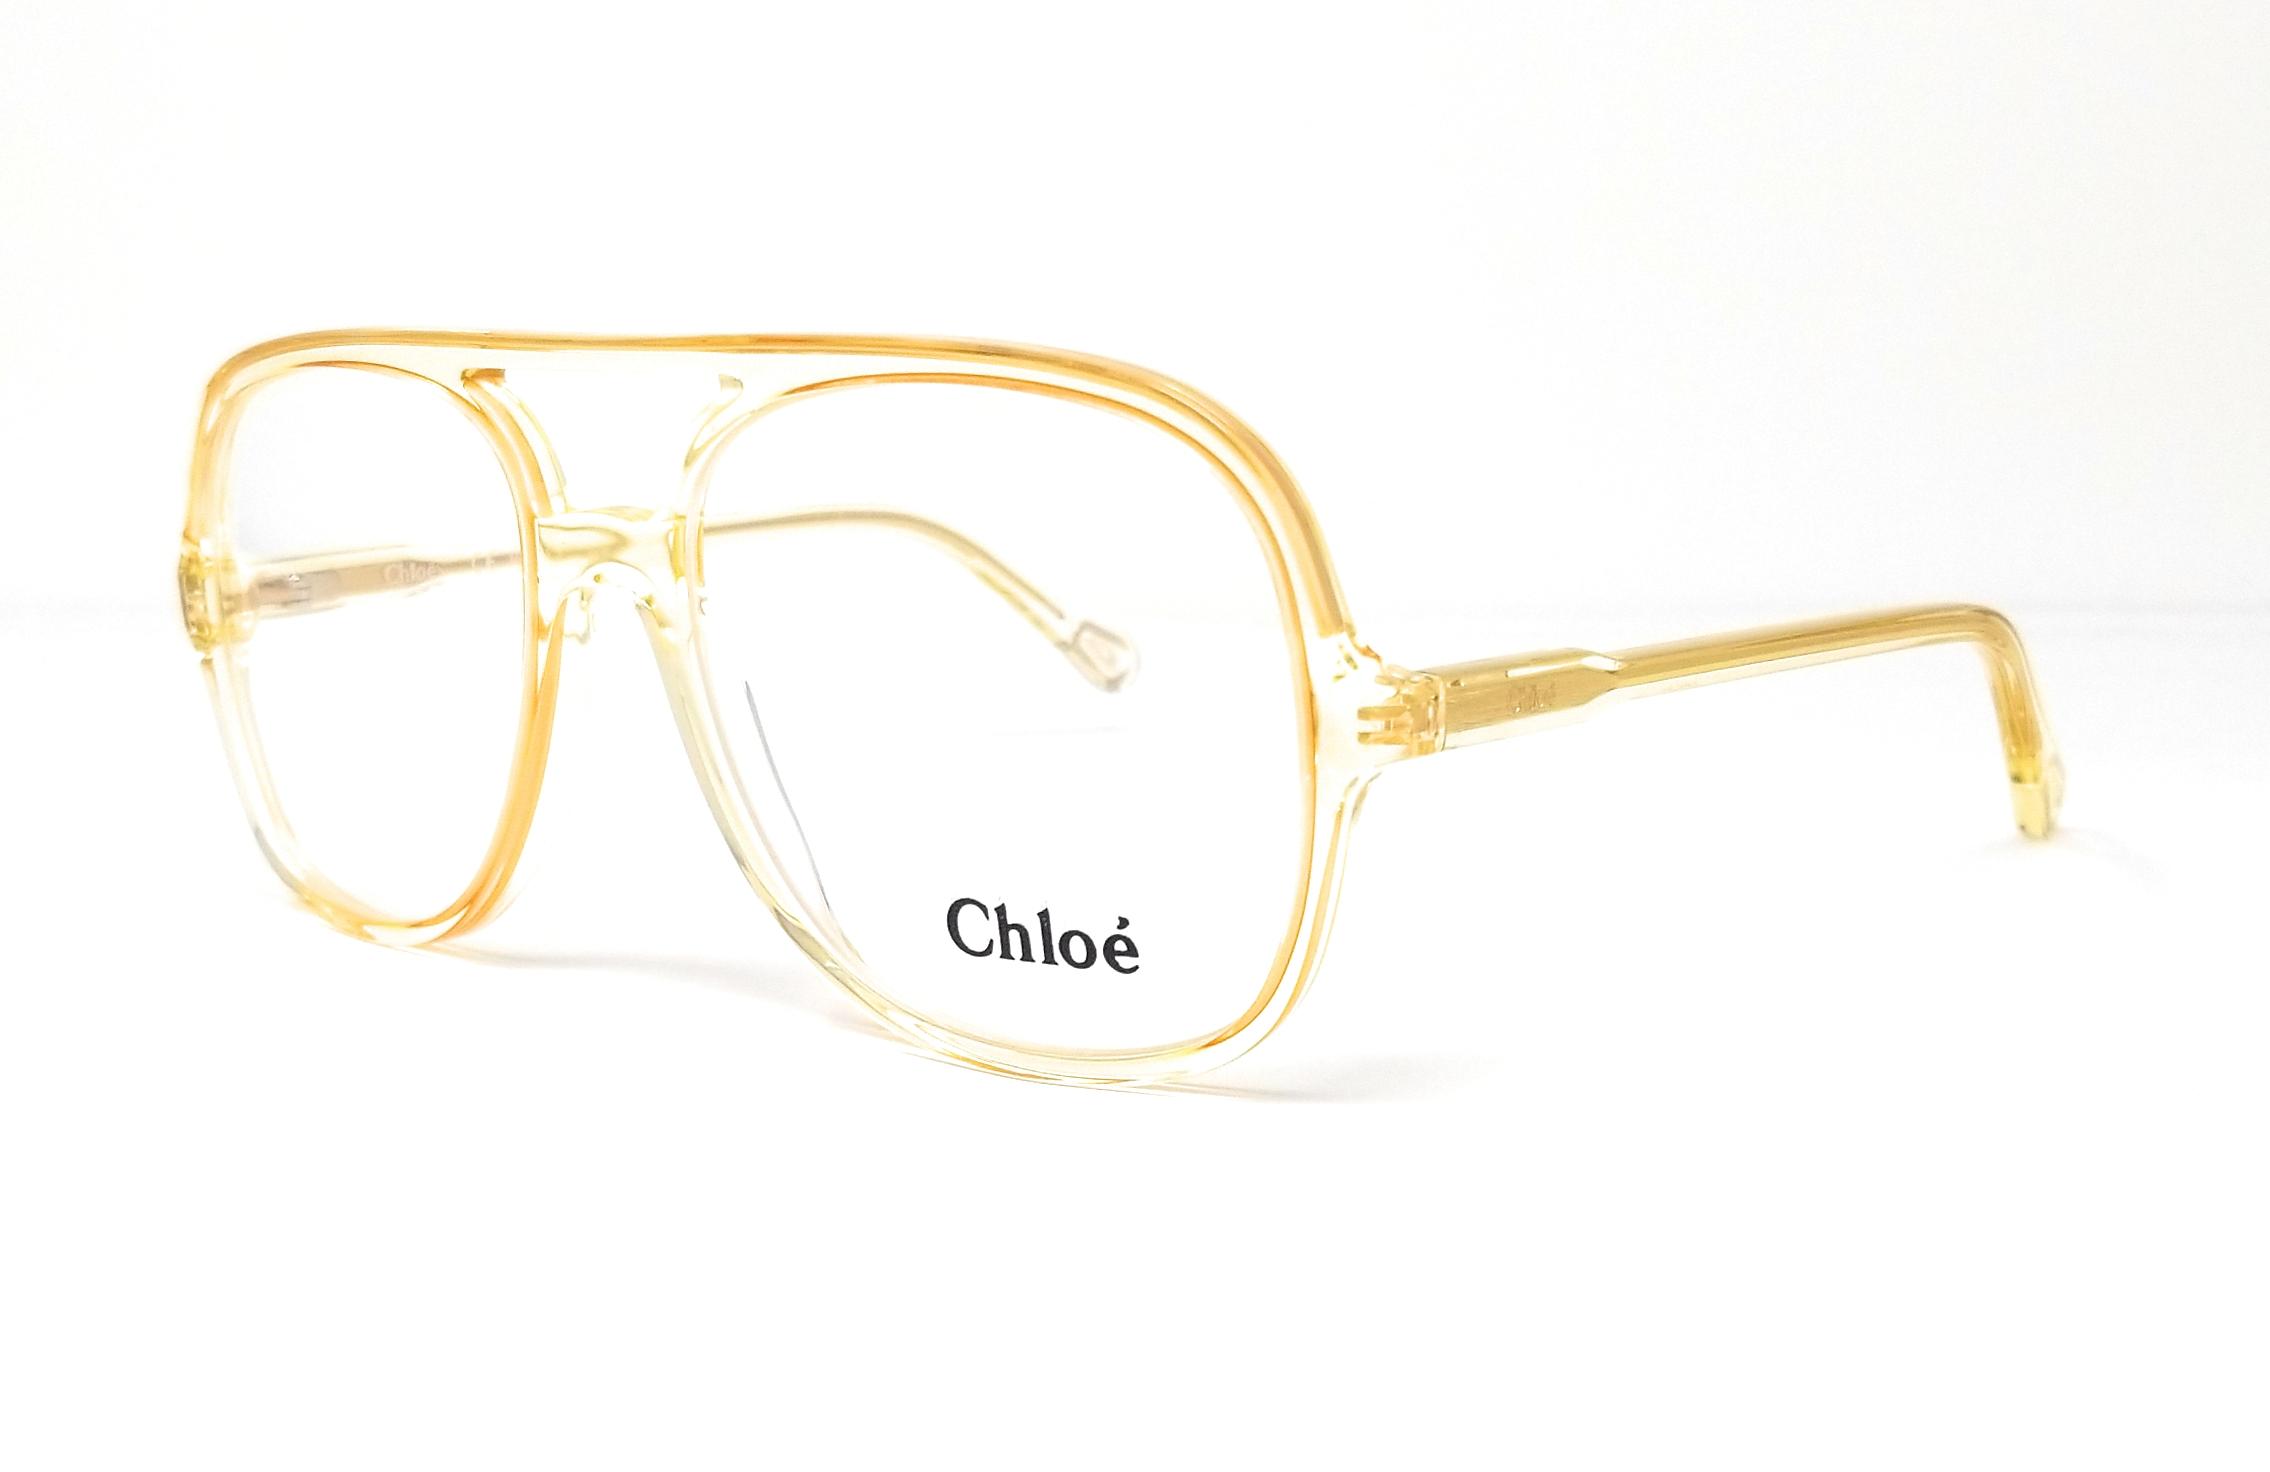 b7486e8b7280 CHLOE Eyeglasses CE2722 799 Yellow Navigator 56x17x140 886895326025 ...